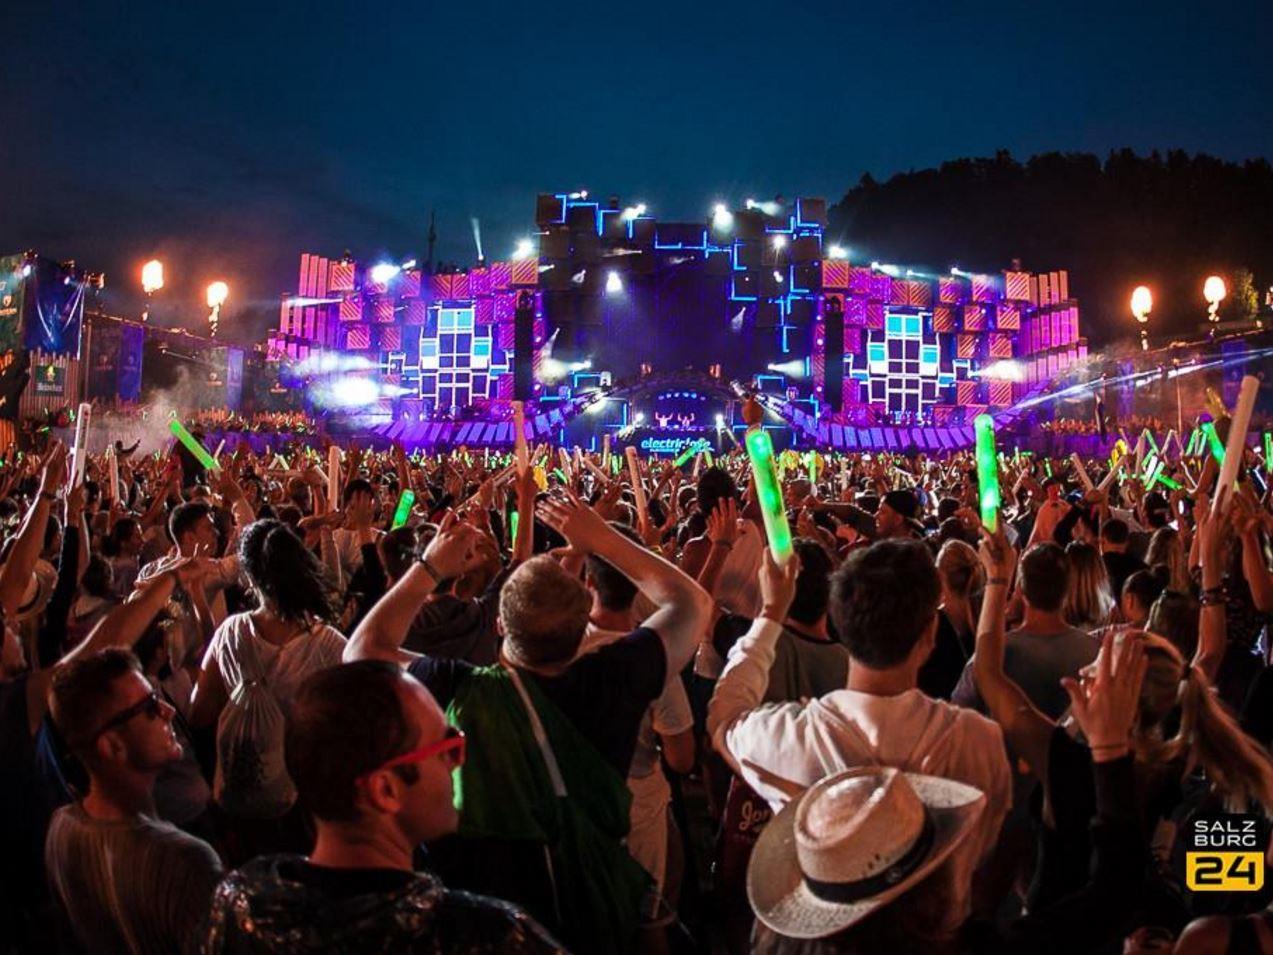 Electric Love Resident-DJ Felice läutet am Donnerstag mit einem fulminanten Opening den offiziellen Start zum diesjährigen Festival ein.